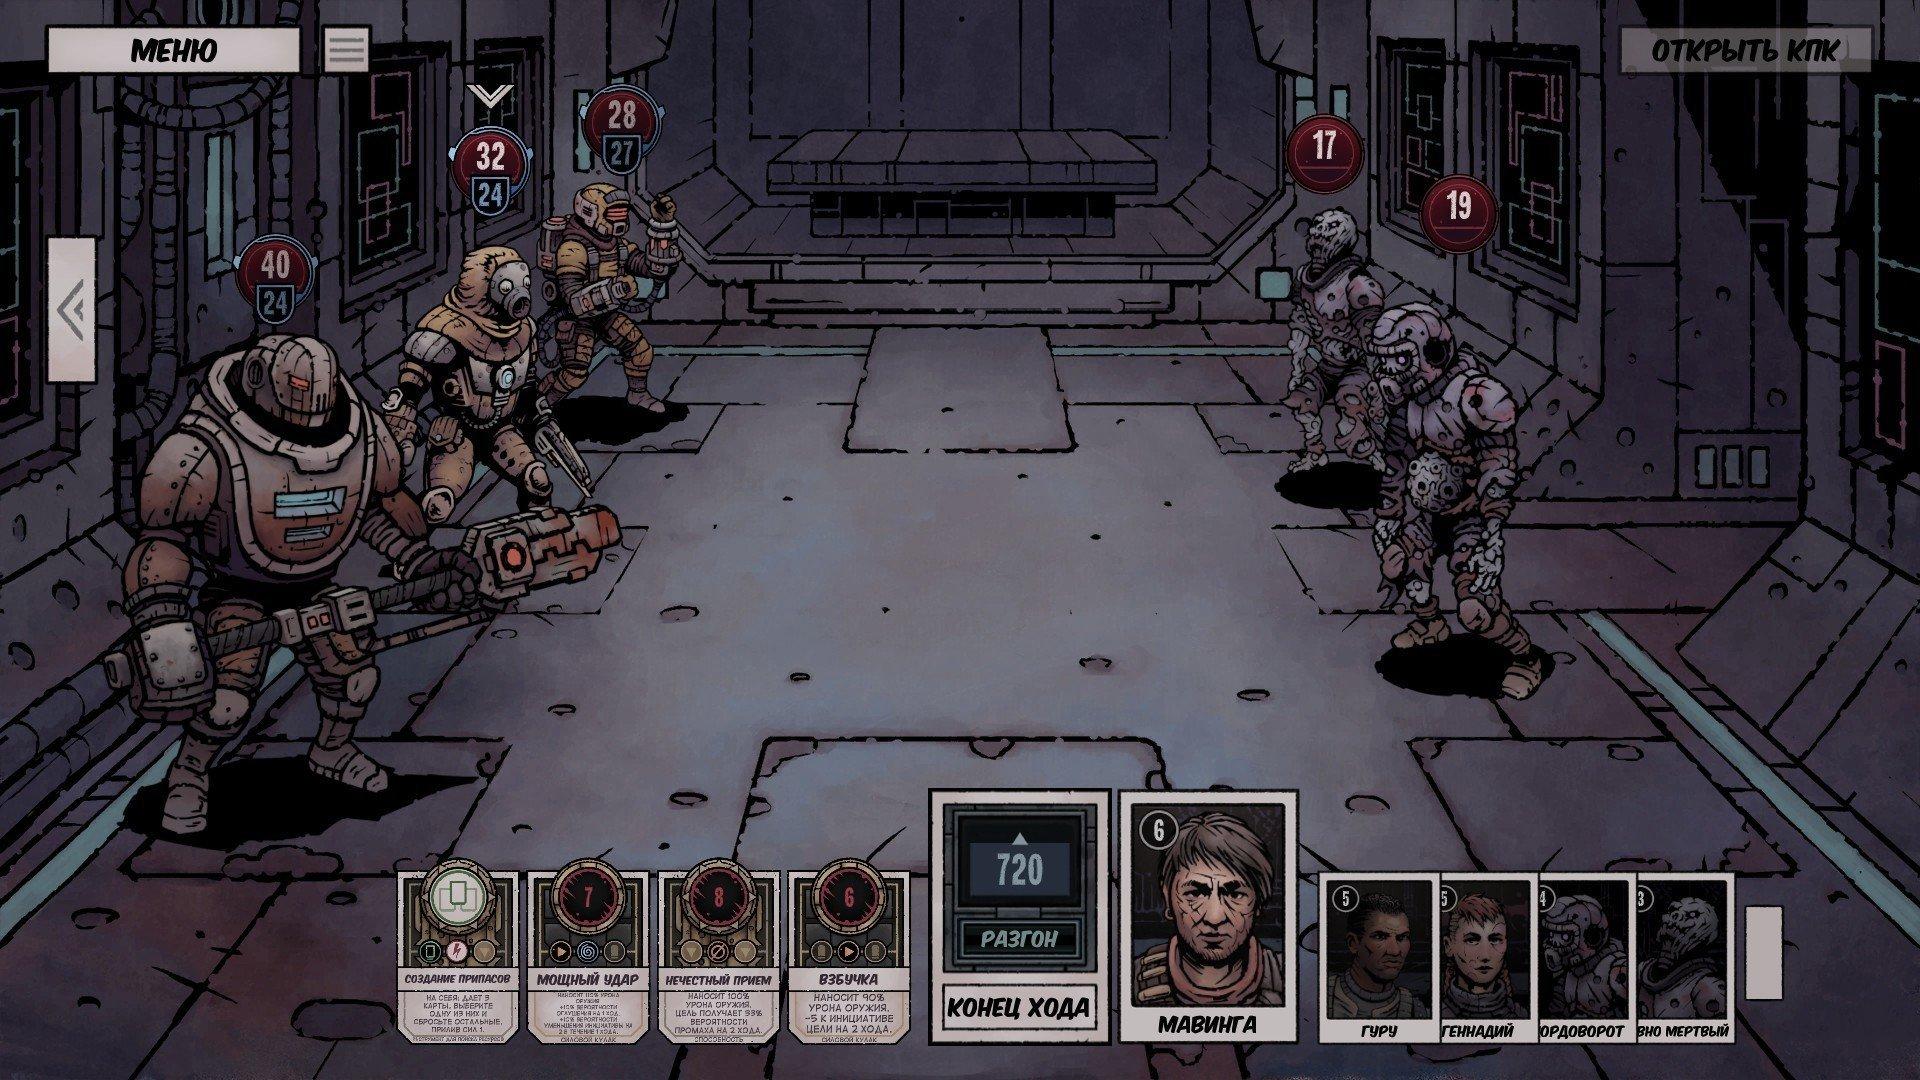 Скриншот к игре Deep Sky Derelicts v.1.5.3 + 2 DLC [GOG] (2018) скачать торрент Лицензия